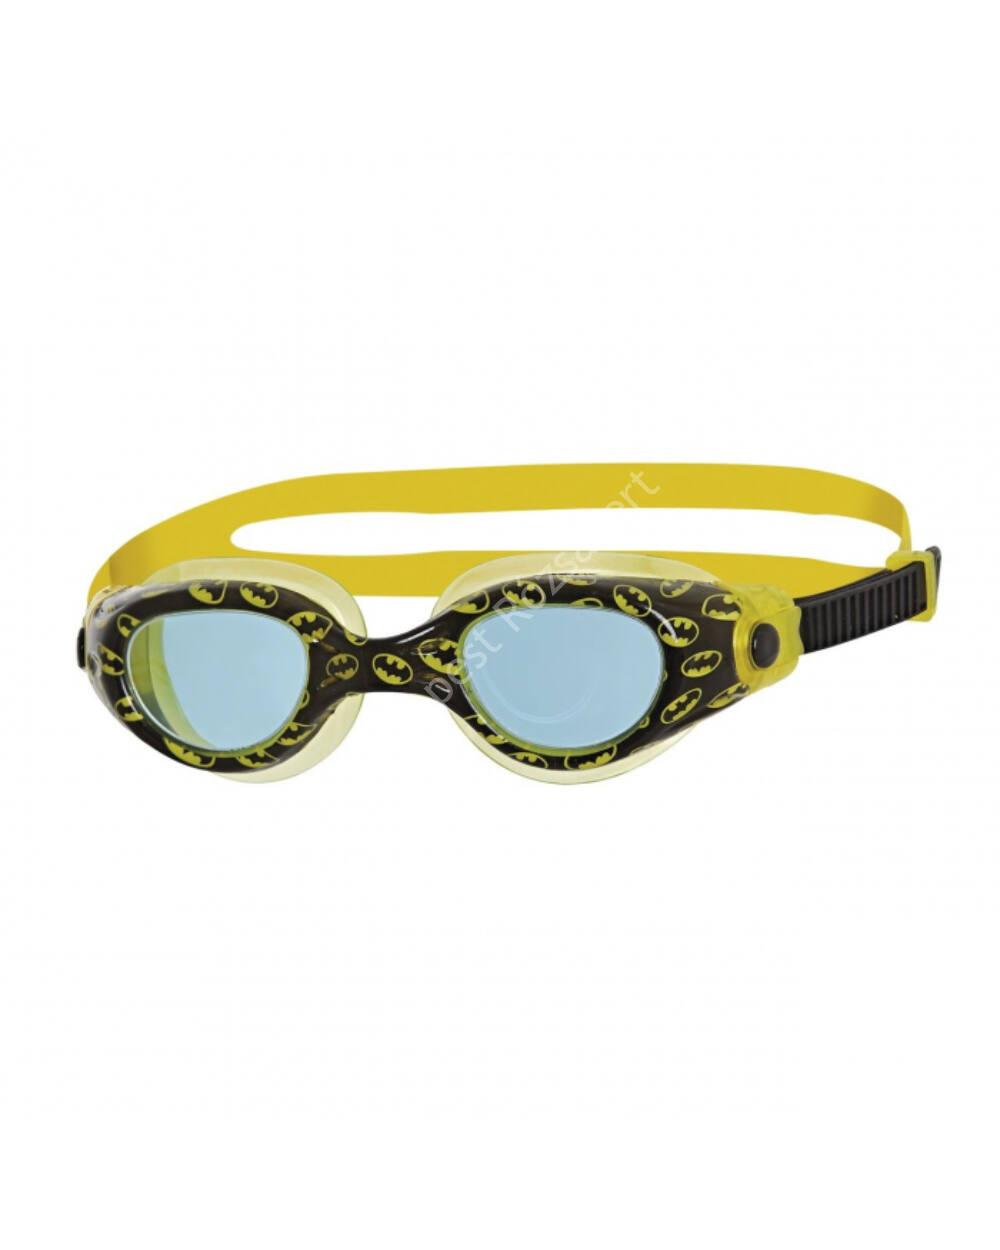 Zoggs Batman gyerek úszószemüveg, 14 éves korig